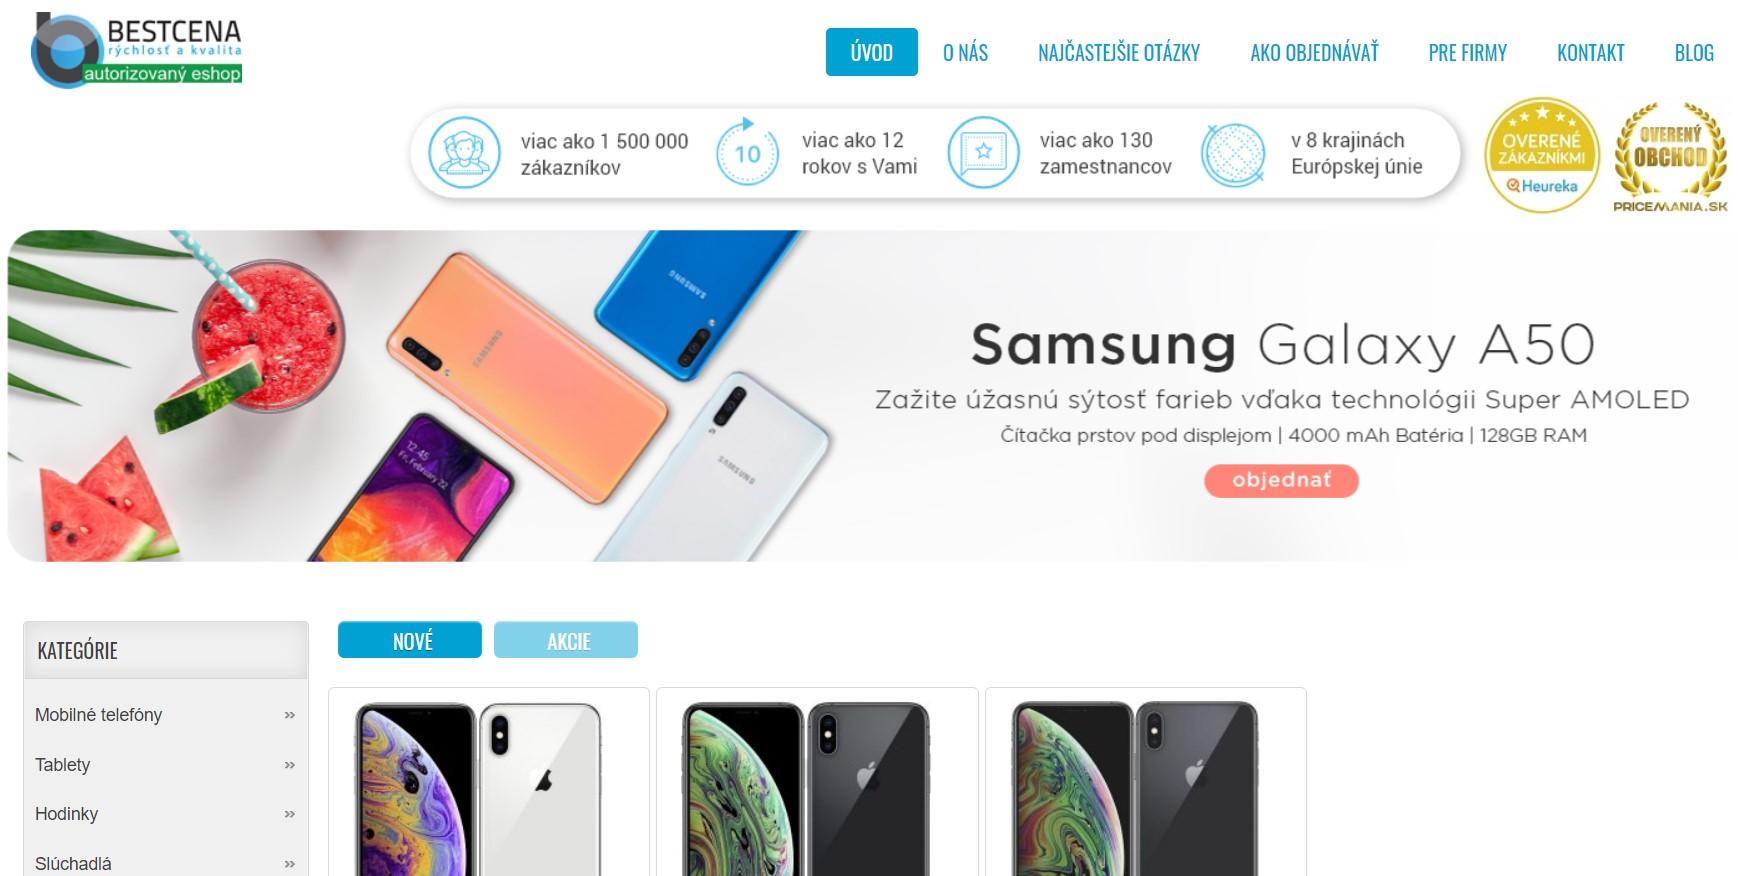 Internetový obchod Bestcena.sk